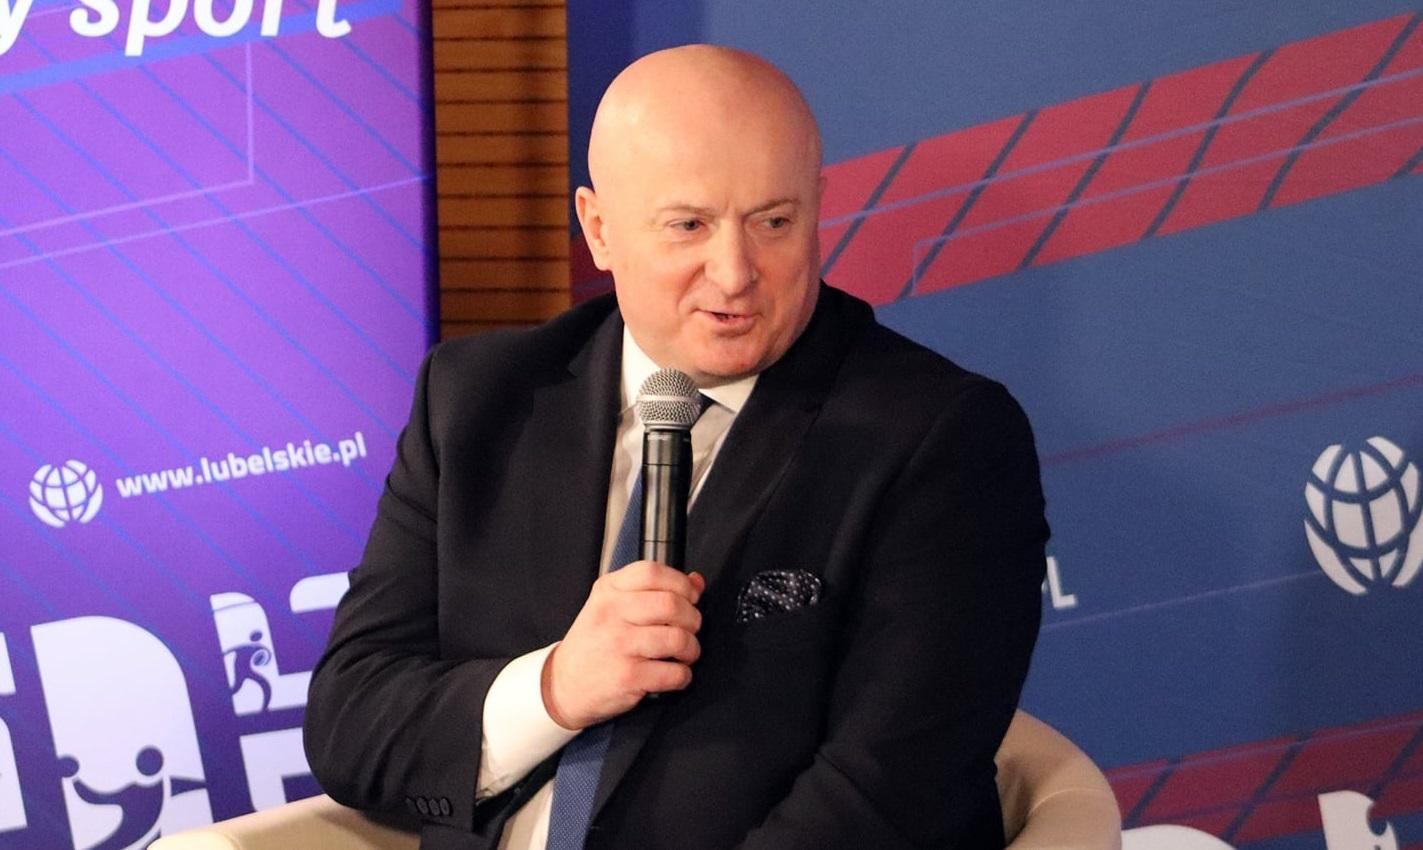 Marszałek woj. lubelskiego Jarosław Stawiarski informuje, że pula dla tego regionu wyniesie 30 mln zł (Fot. Lubelskie Facebook)